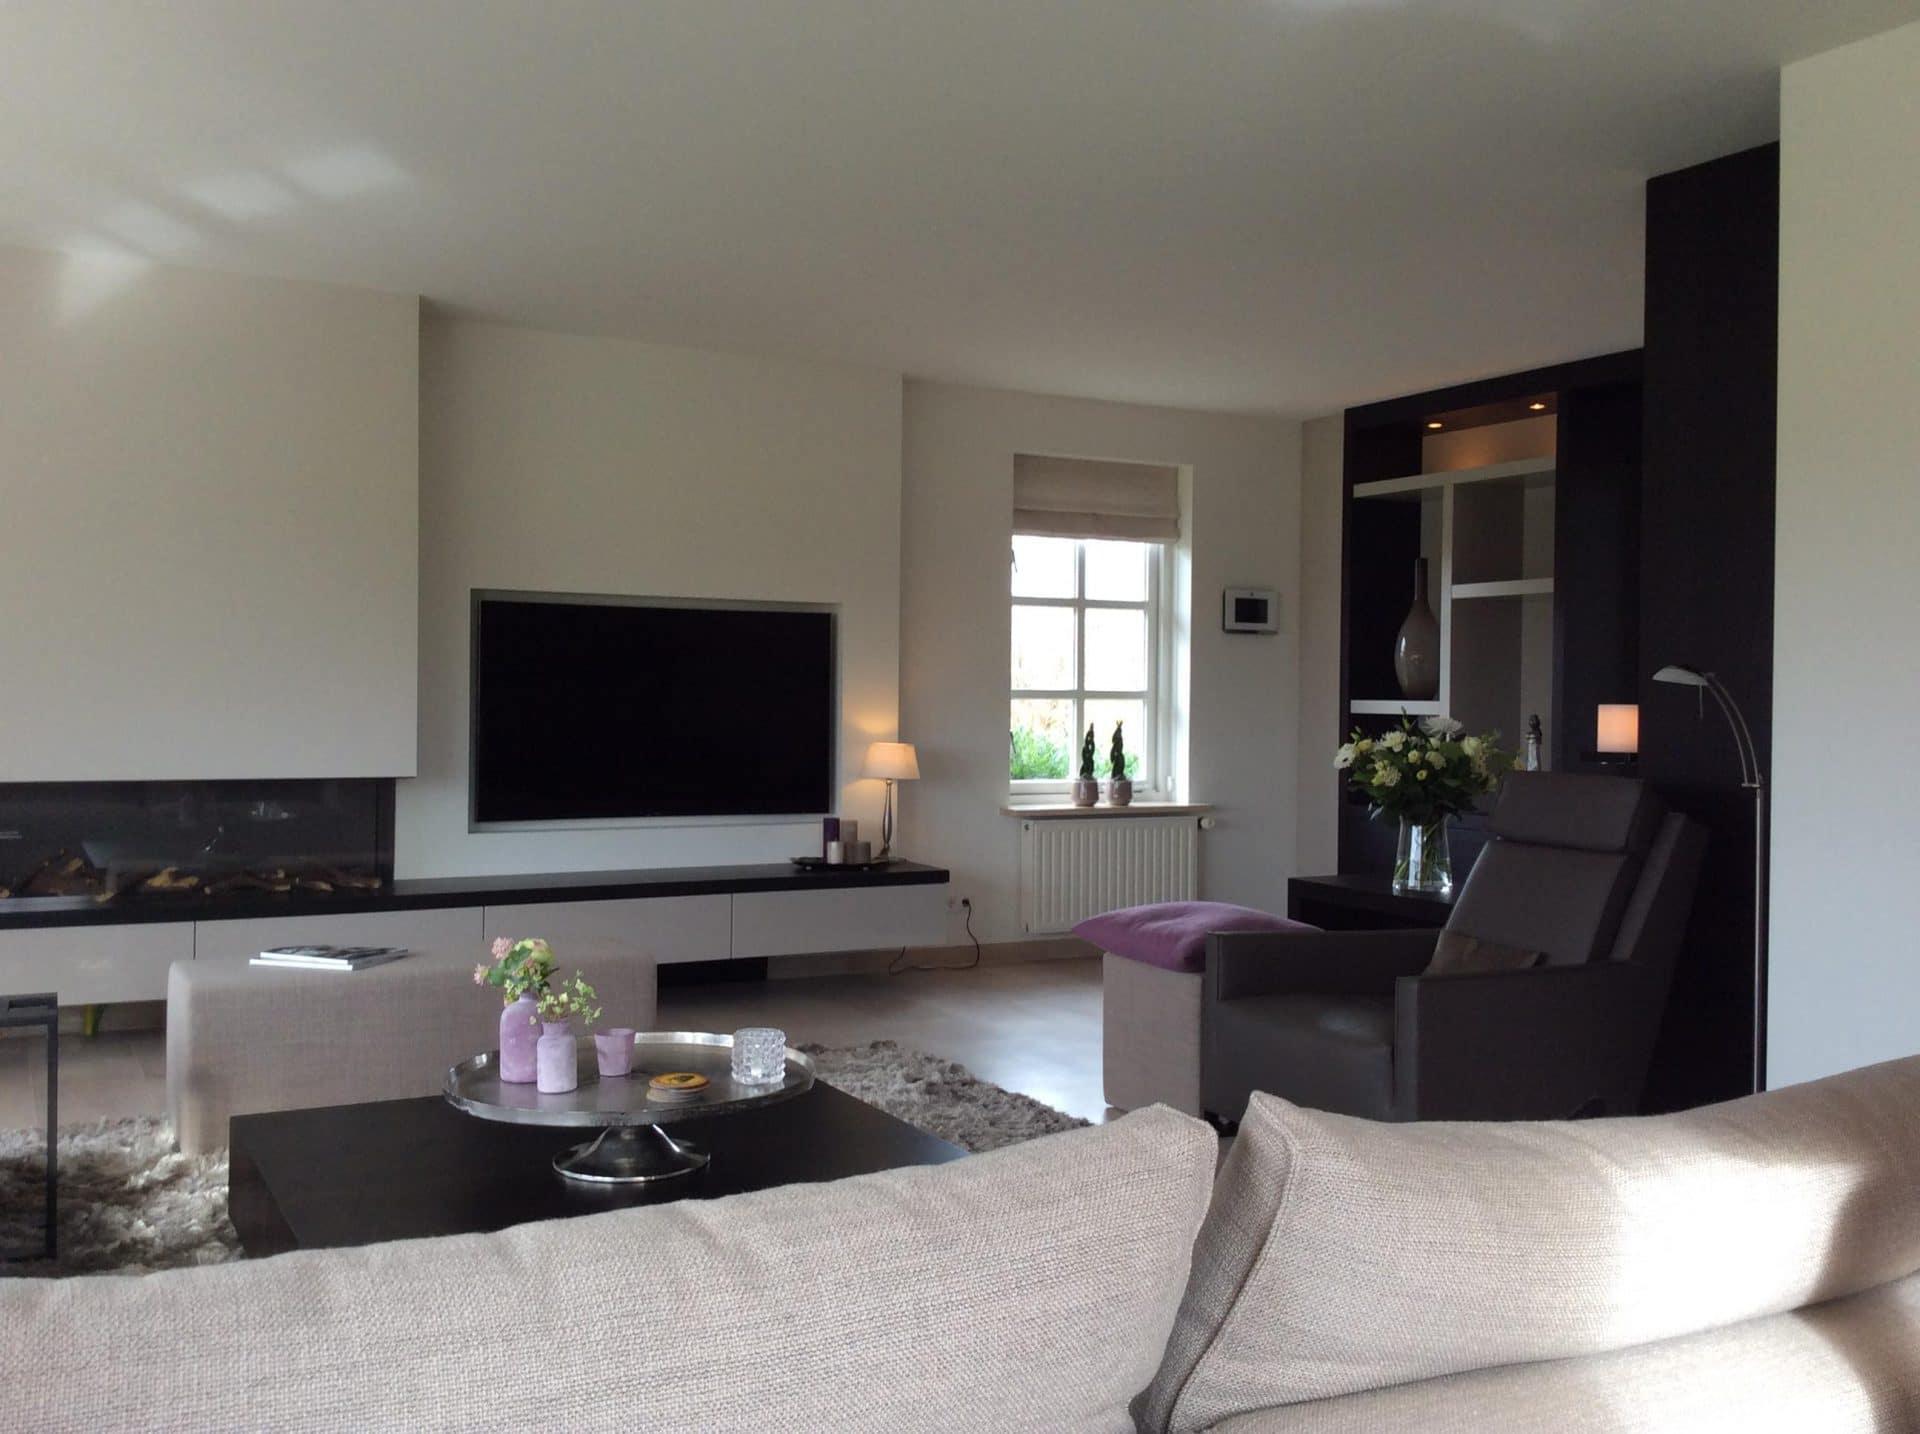 nieuwe indeling woonkamer met verplaatste haard en kastenwand